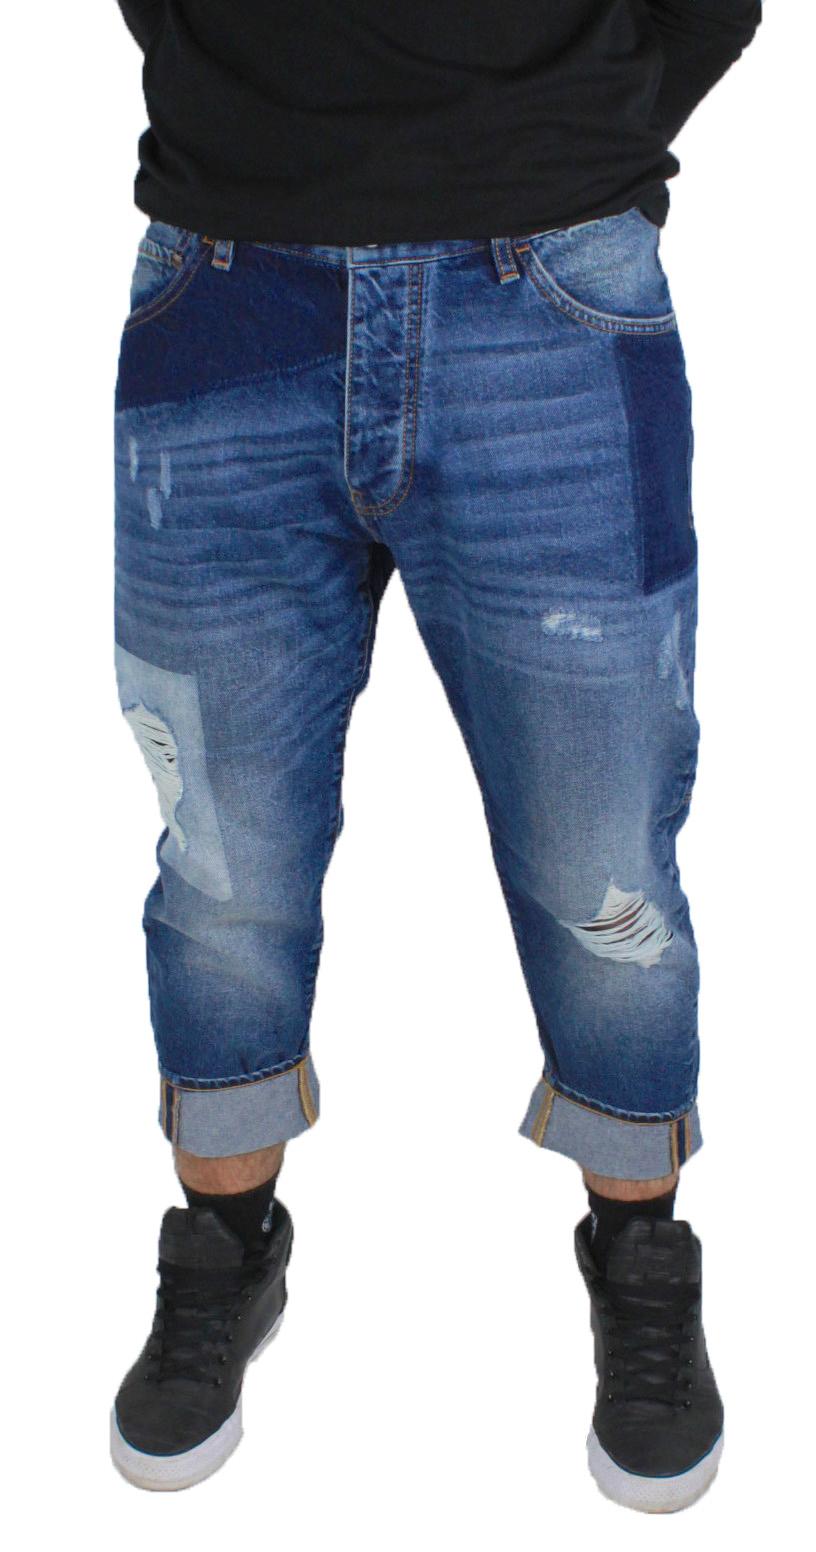 5d15bb405fad Armani Jeans 6Y6J04 6D2NZ 1500 Jeans